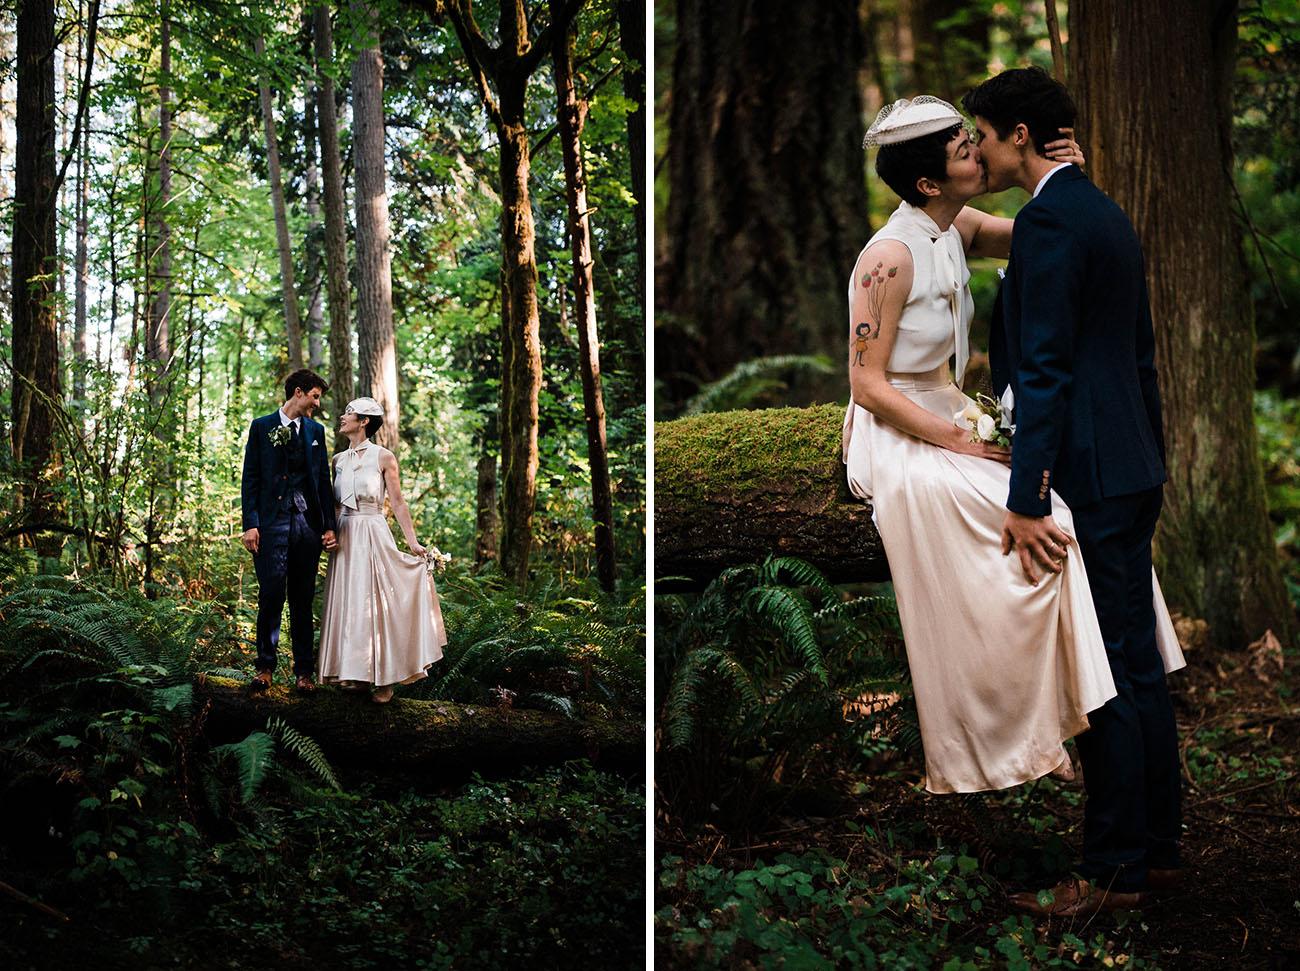 Audrey Hepburn Meets Wes Anderson Wedding